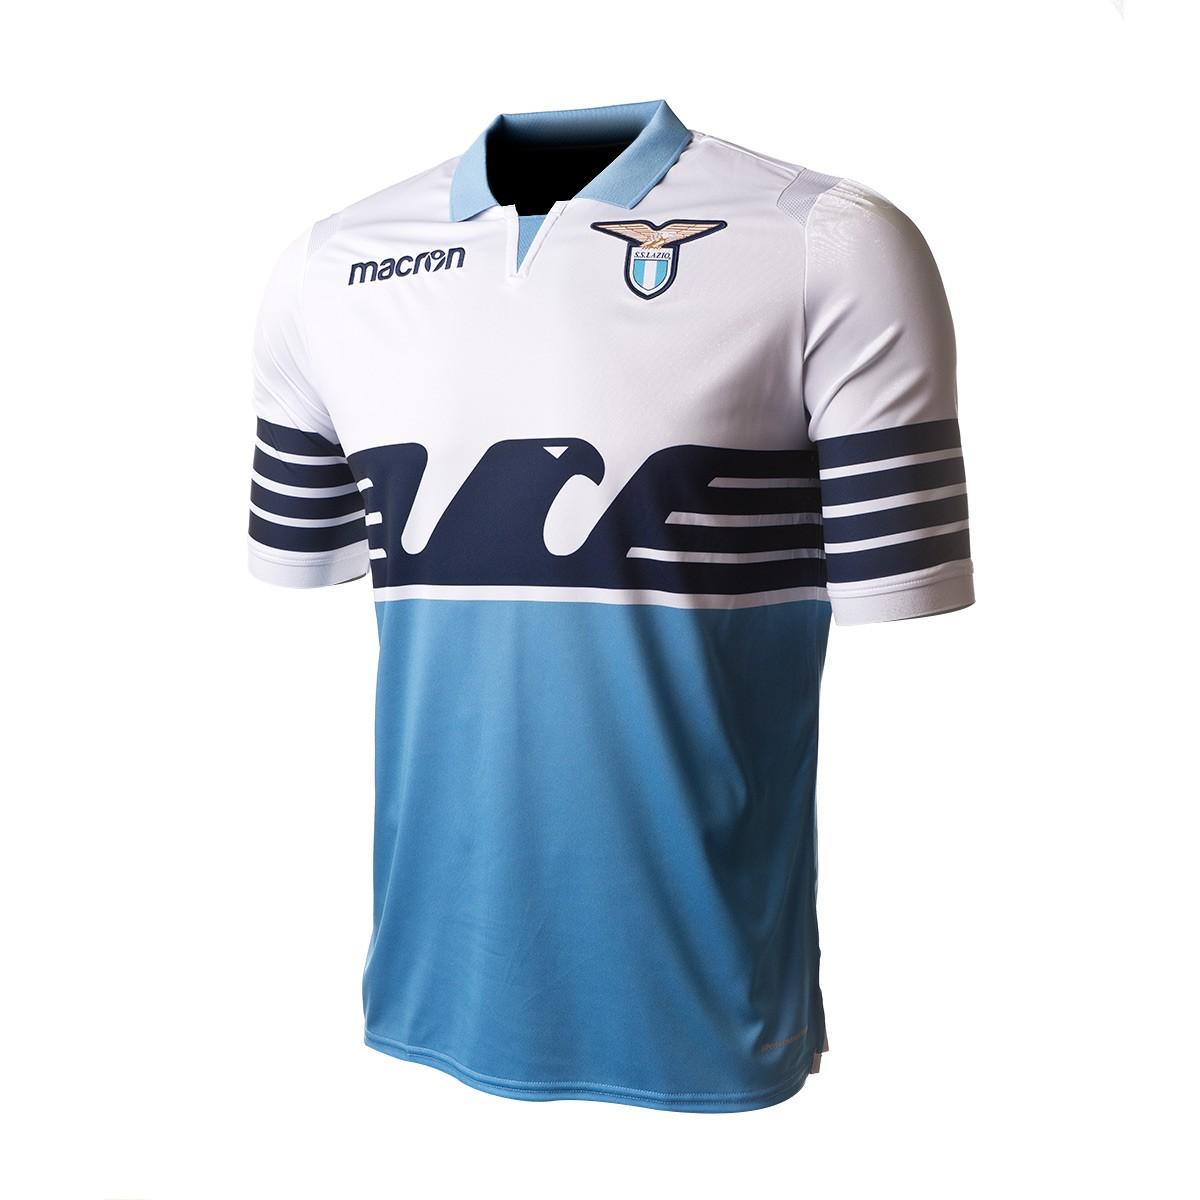 7fba892dd7 Camiseta Macron Lazio Primera Equipación 2018-2019 White-Light blue -  Soloporteros es ahora Fútbol Emotion